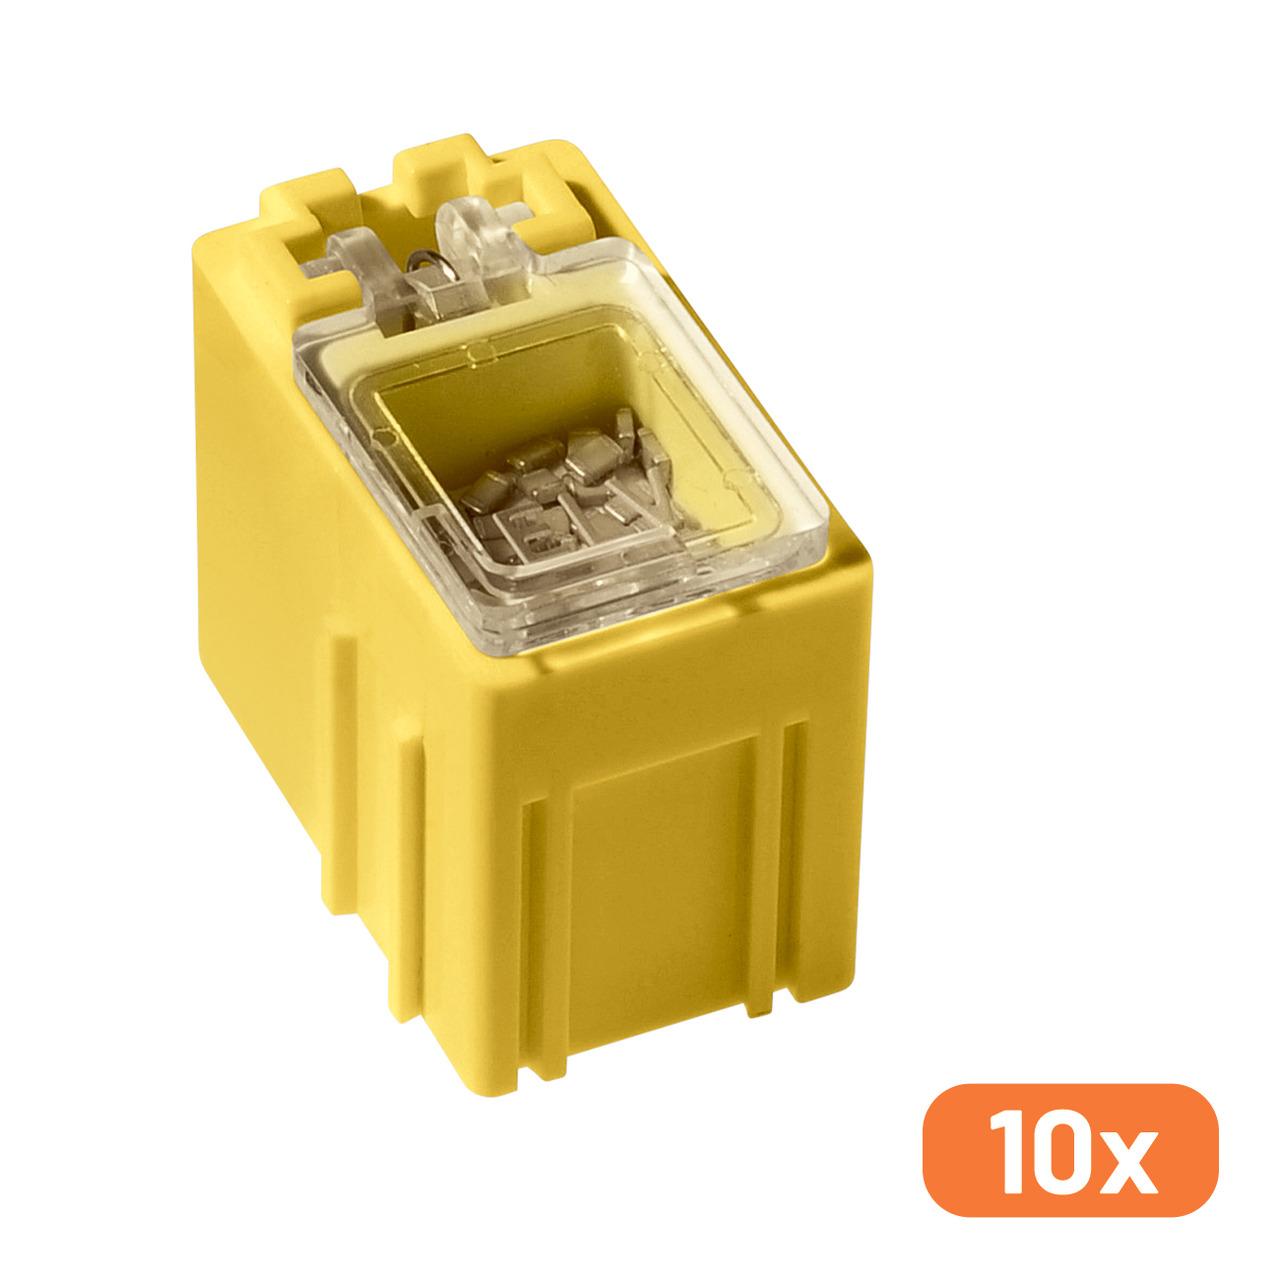 Kondensatoren-Sortiment in SMD-Sortierbox- gefüllt mit je 50 Kondensatoren 1 pF - 10 -F- 0805